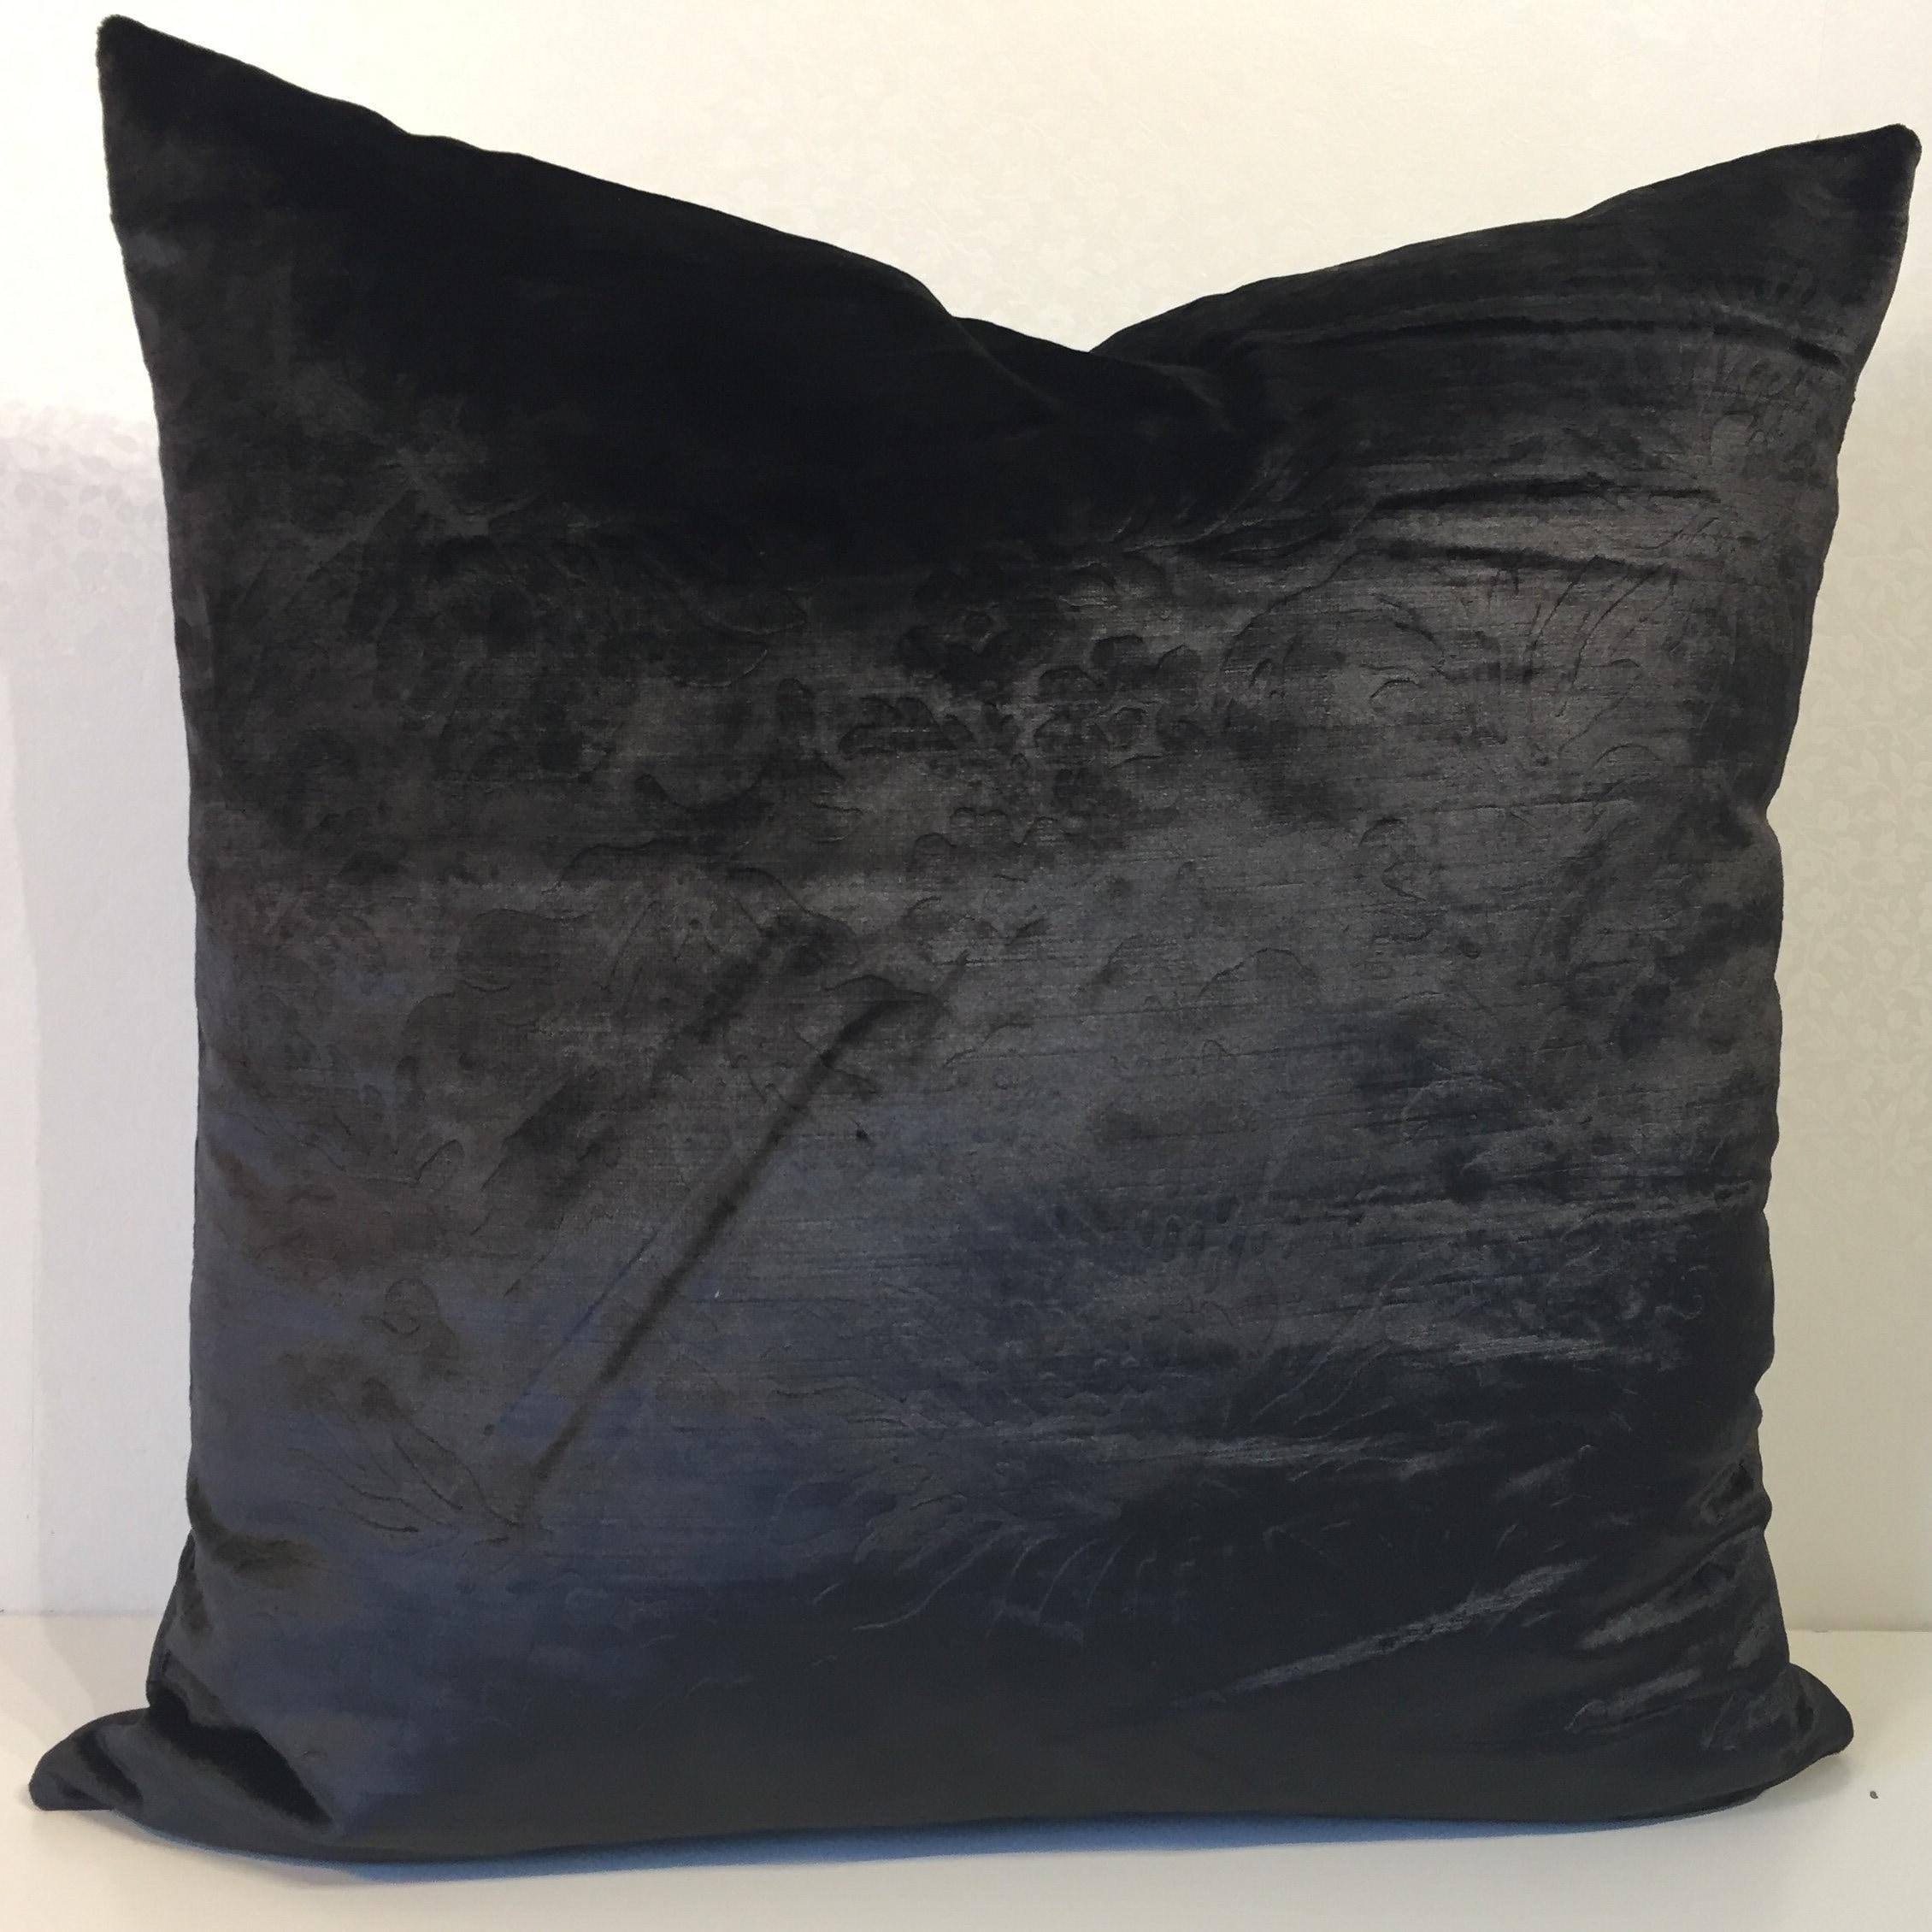 Negro Grande Y Negro Almohada fundas de cojines Almohada covers Lanzar la cub